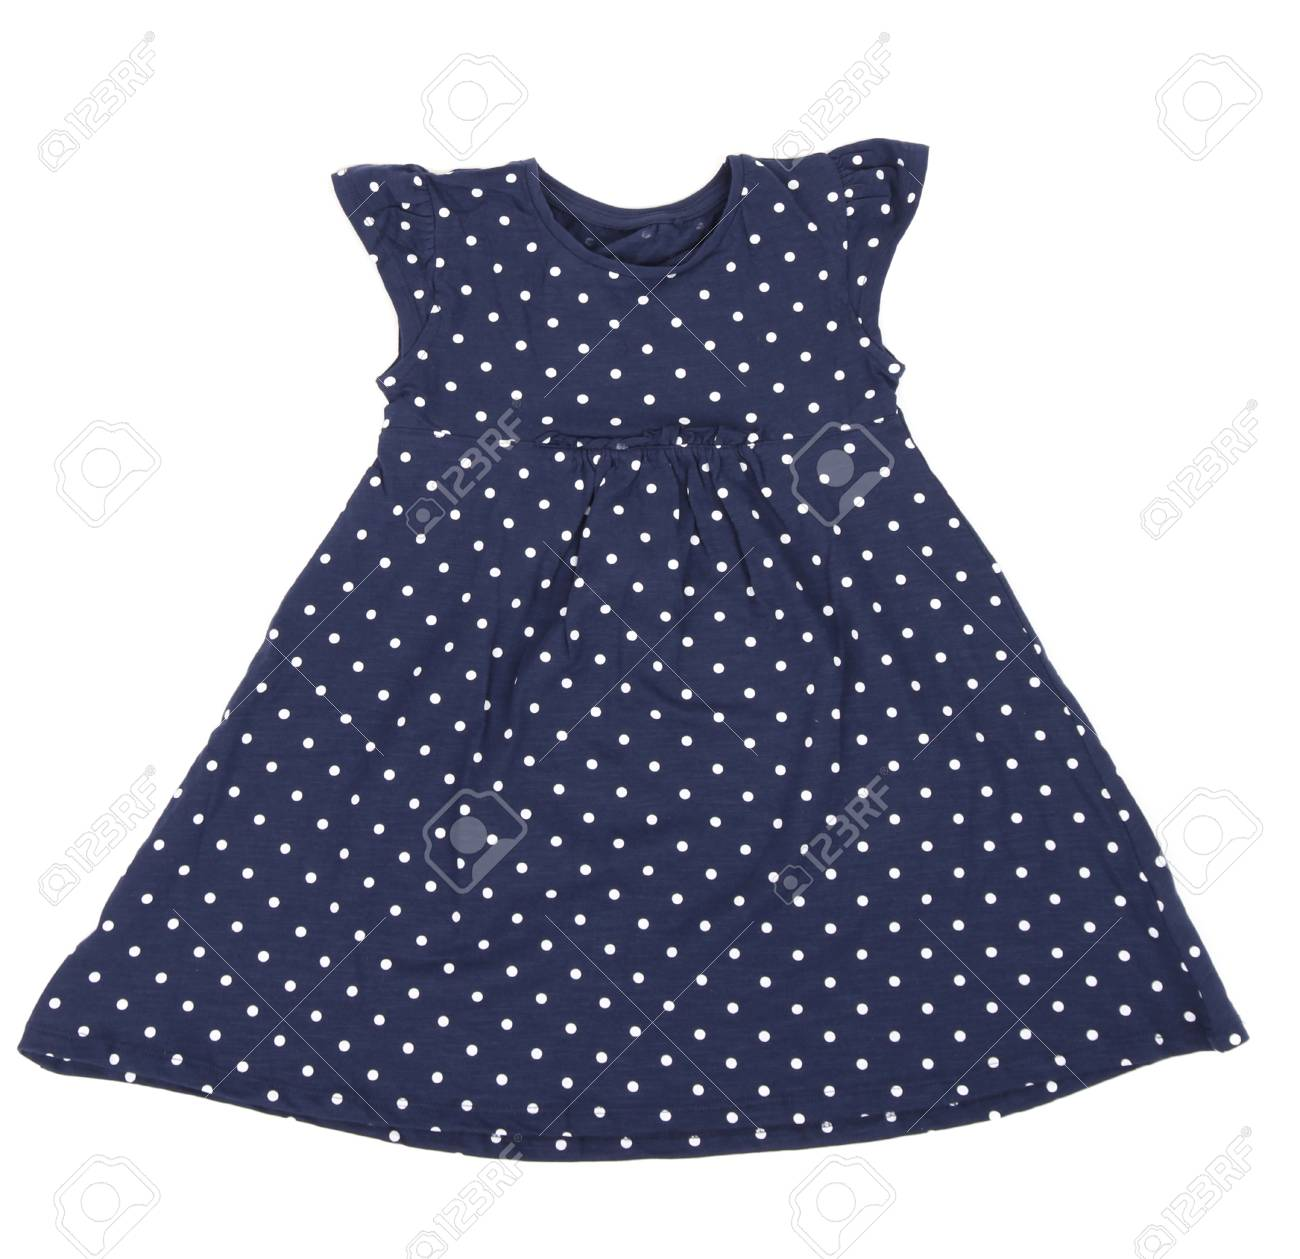 d335d4c73d63c Belle Robe Pour Petite Fille Isolée Sur Fond Blanc Banque D Images ...